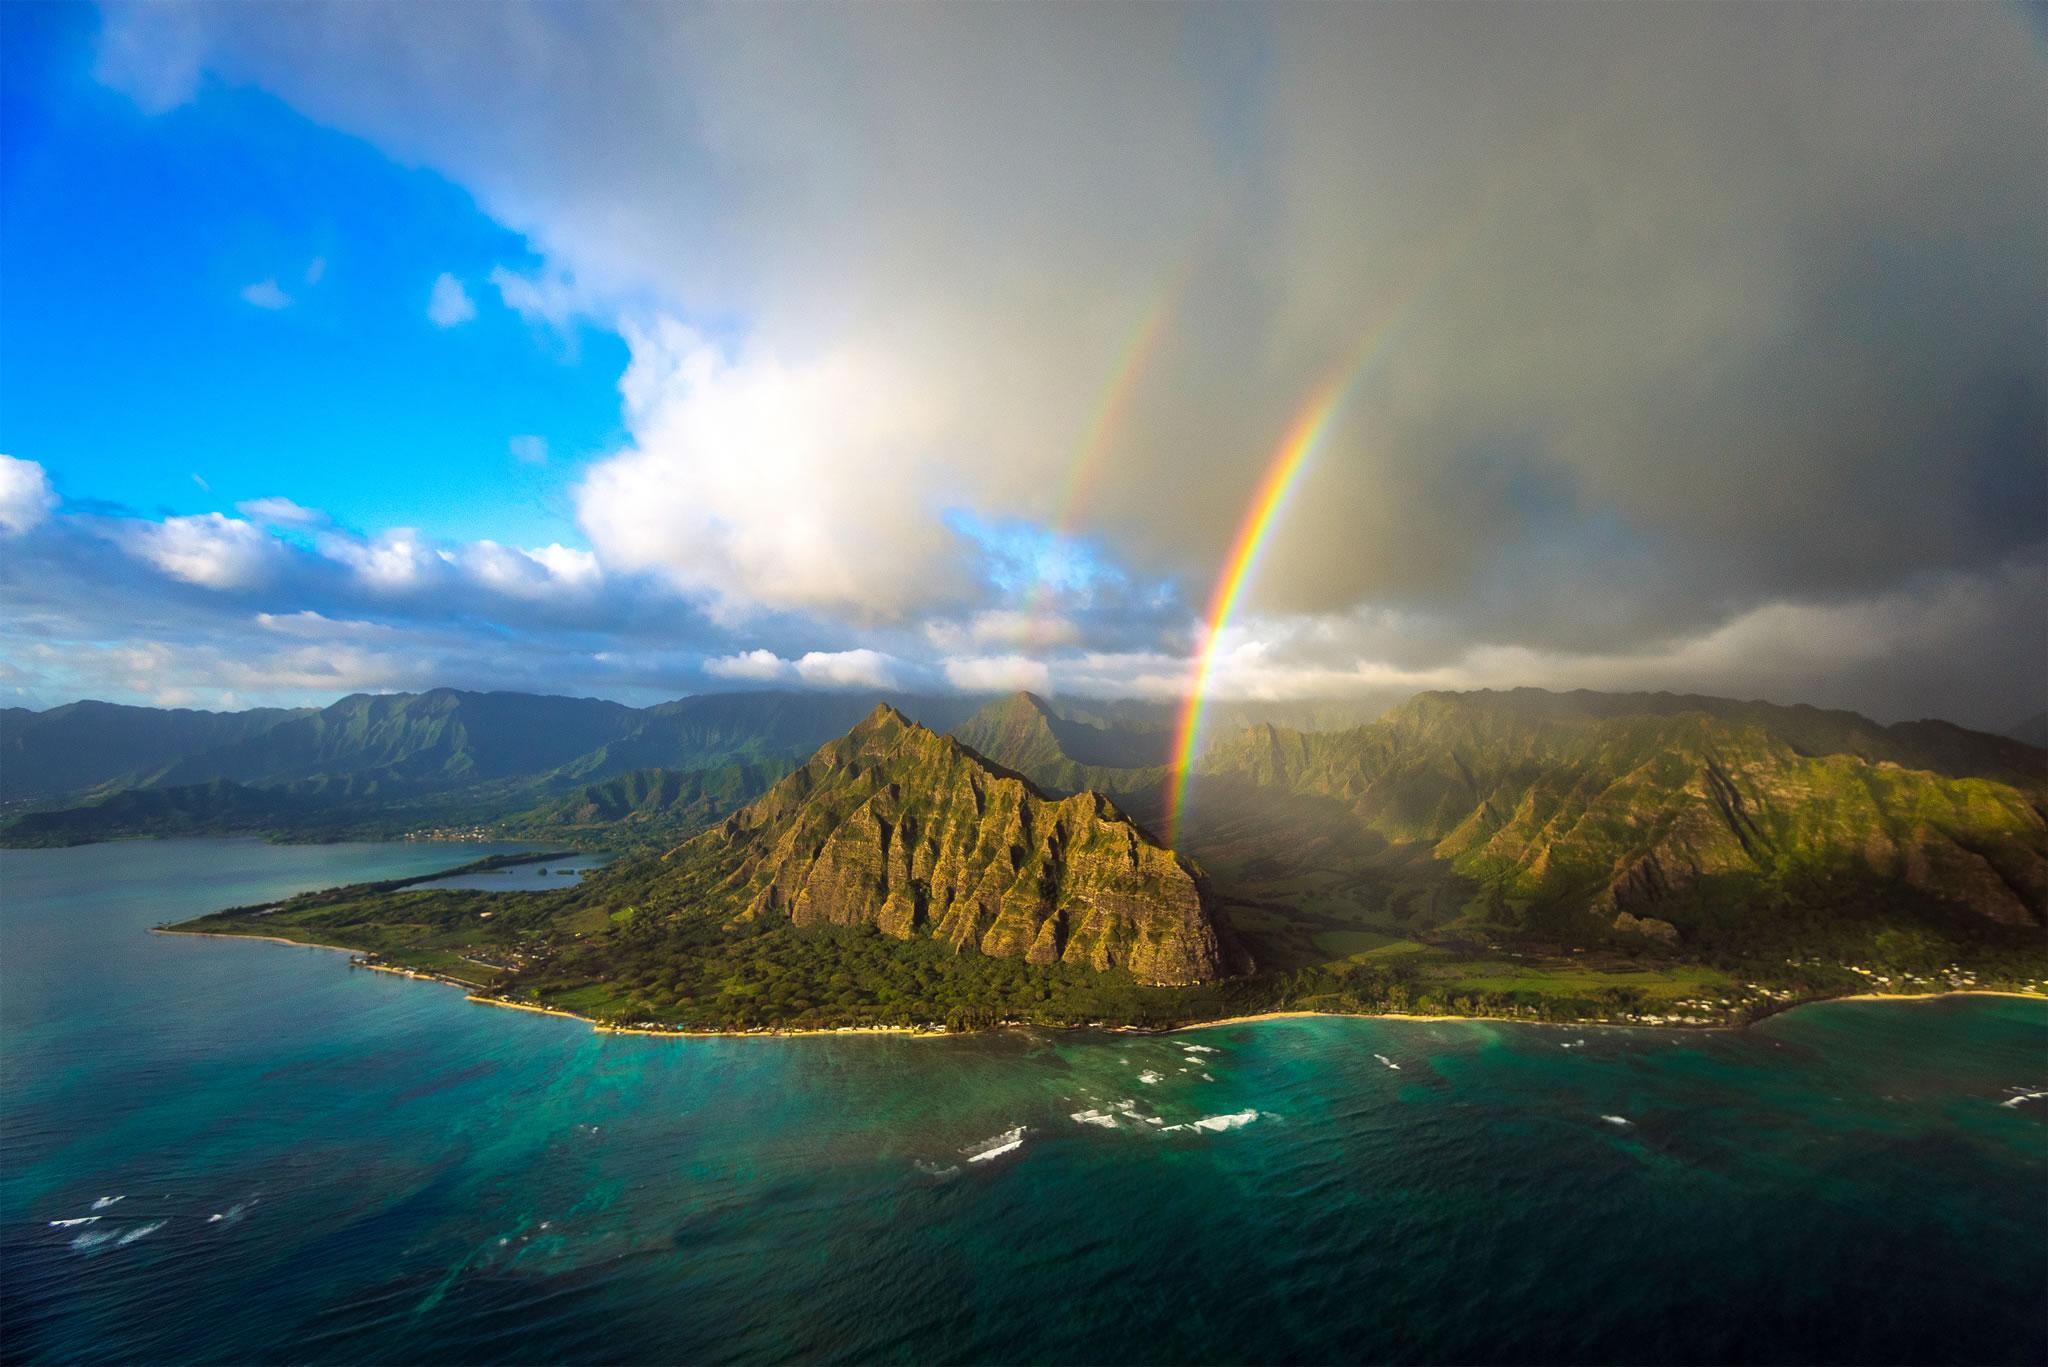 ハワイ クアロア ランチ 大自然の中で乗馬や四輪バギー 映画ロケ地